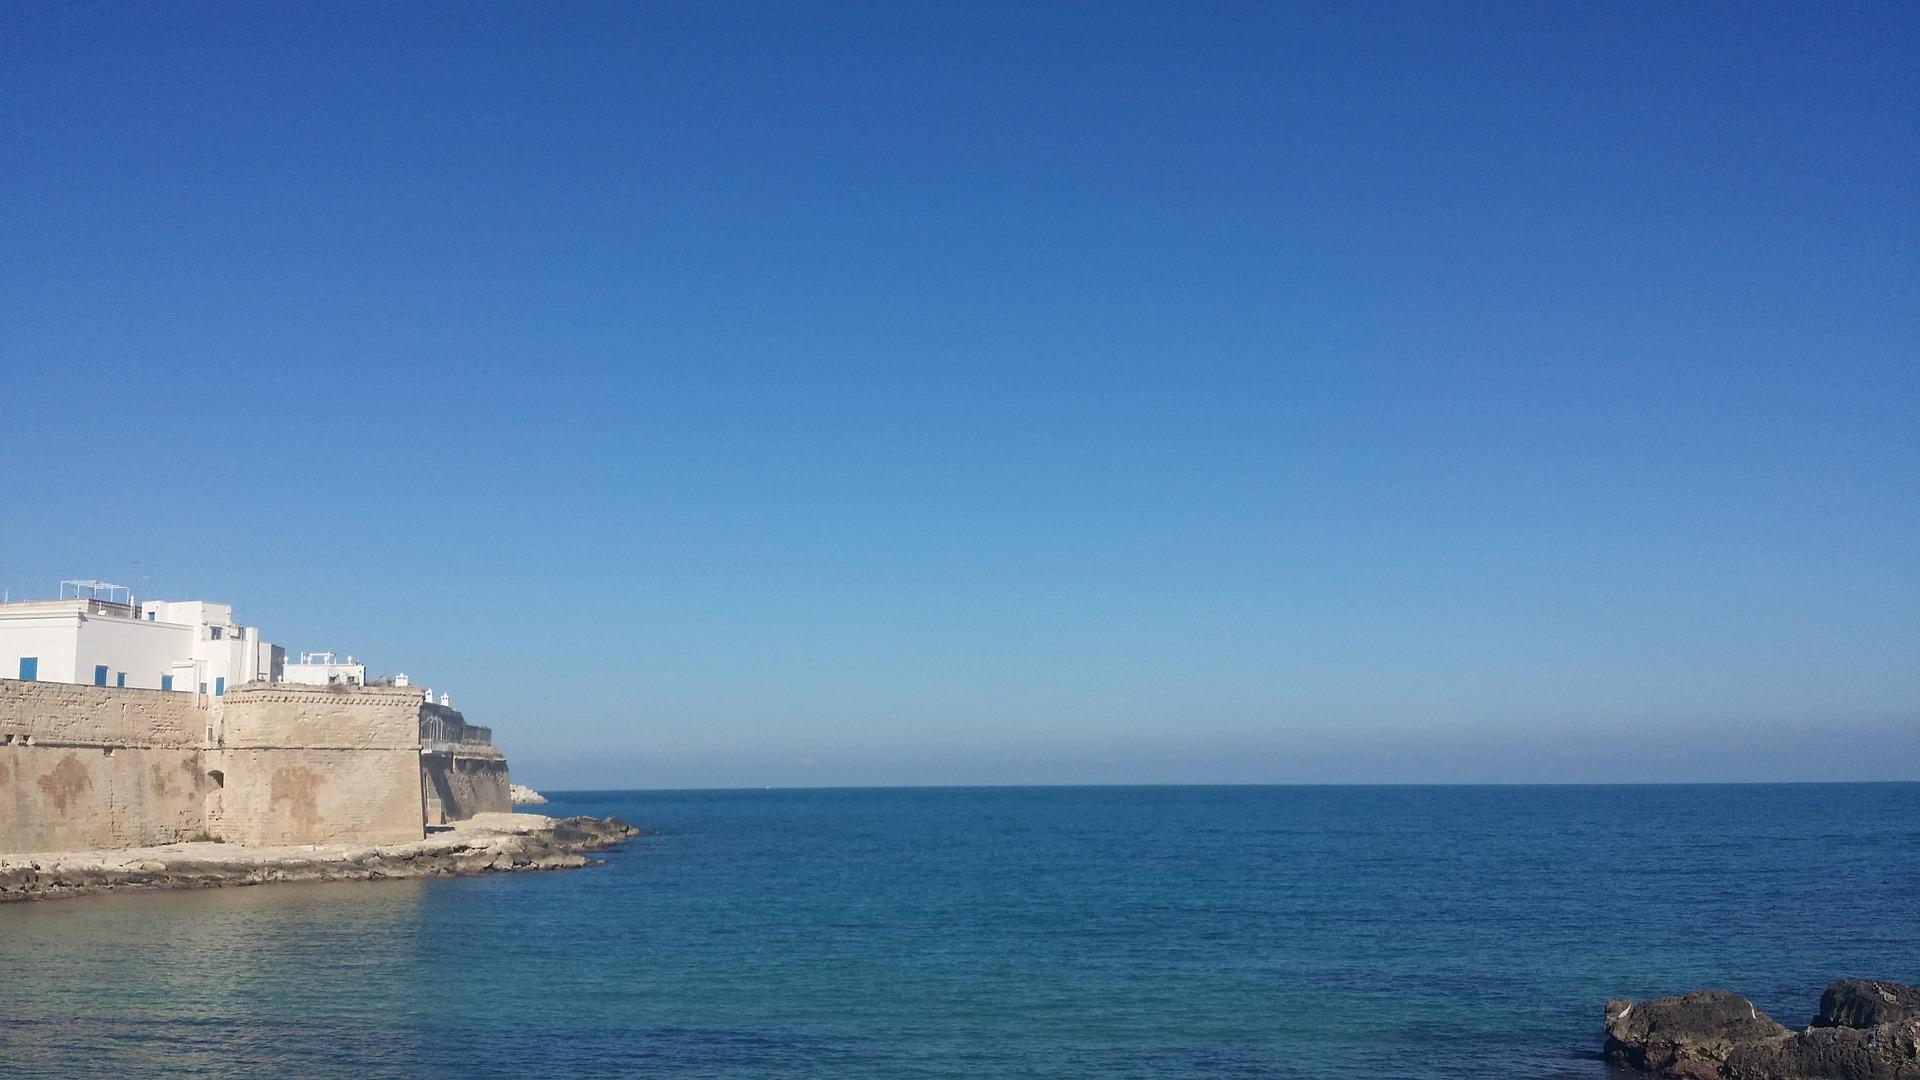 Monopoli mare e spiagge libere